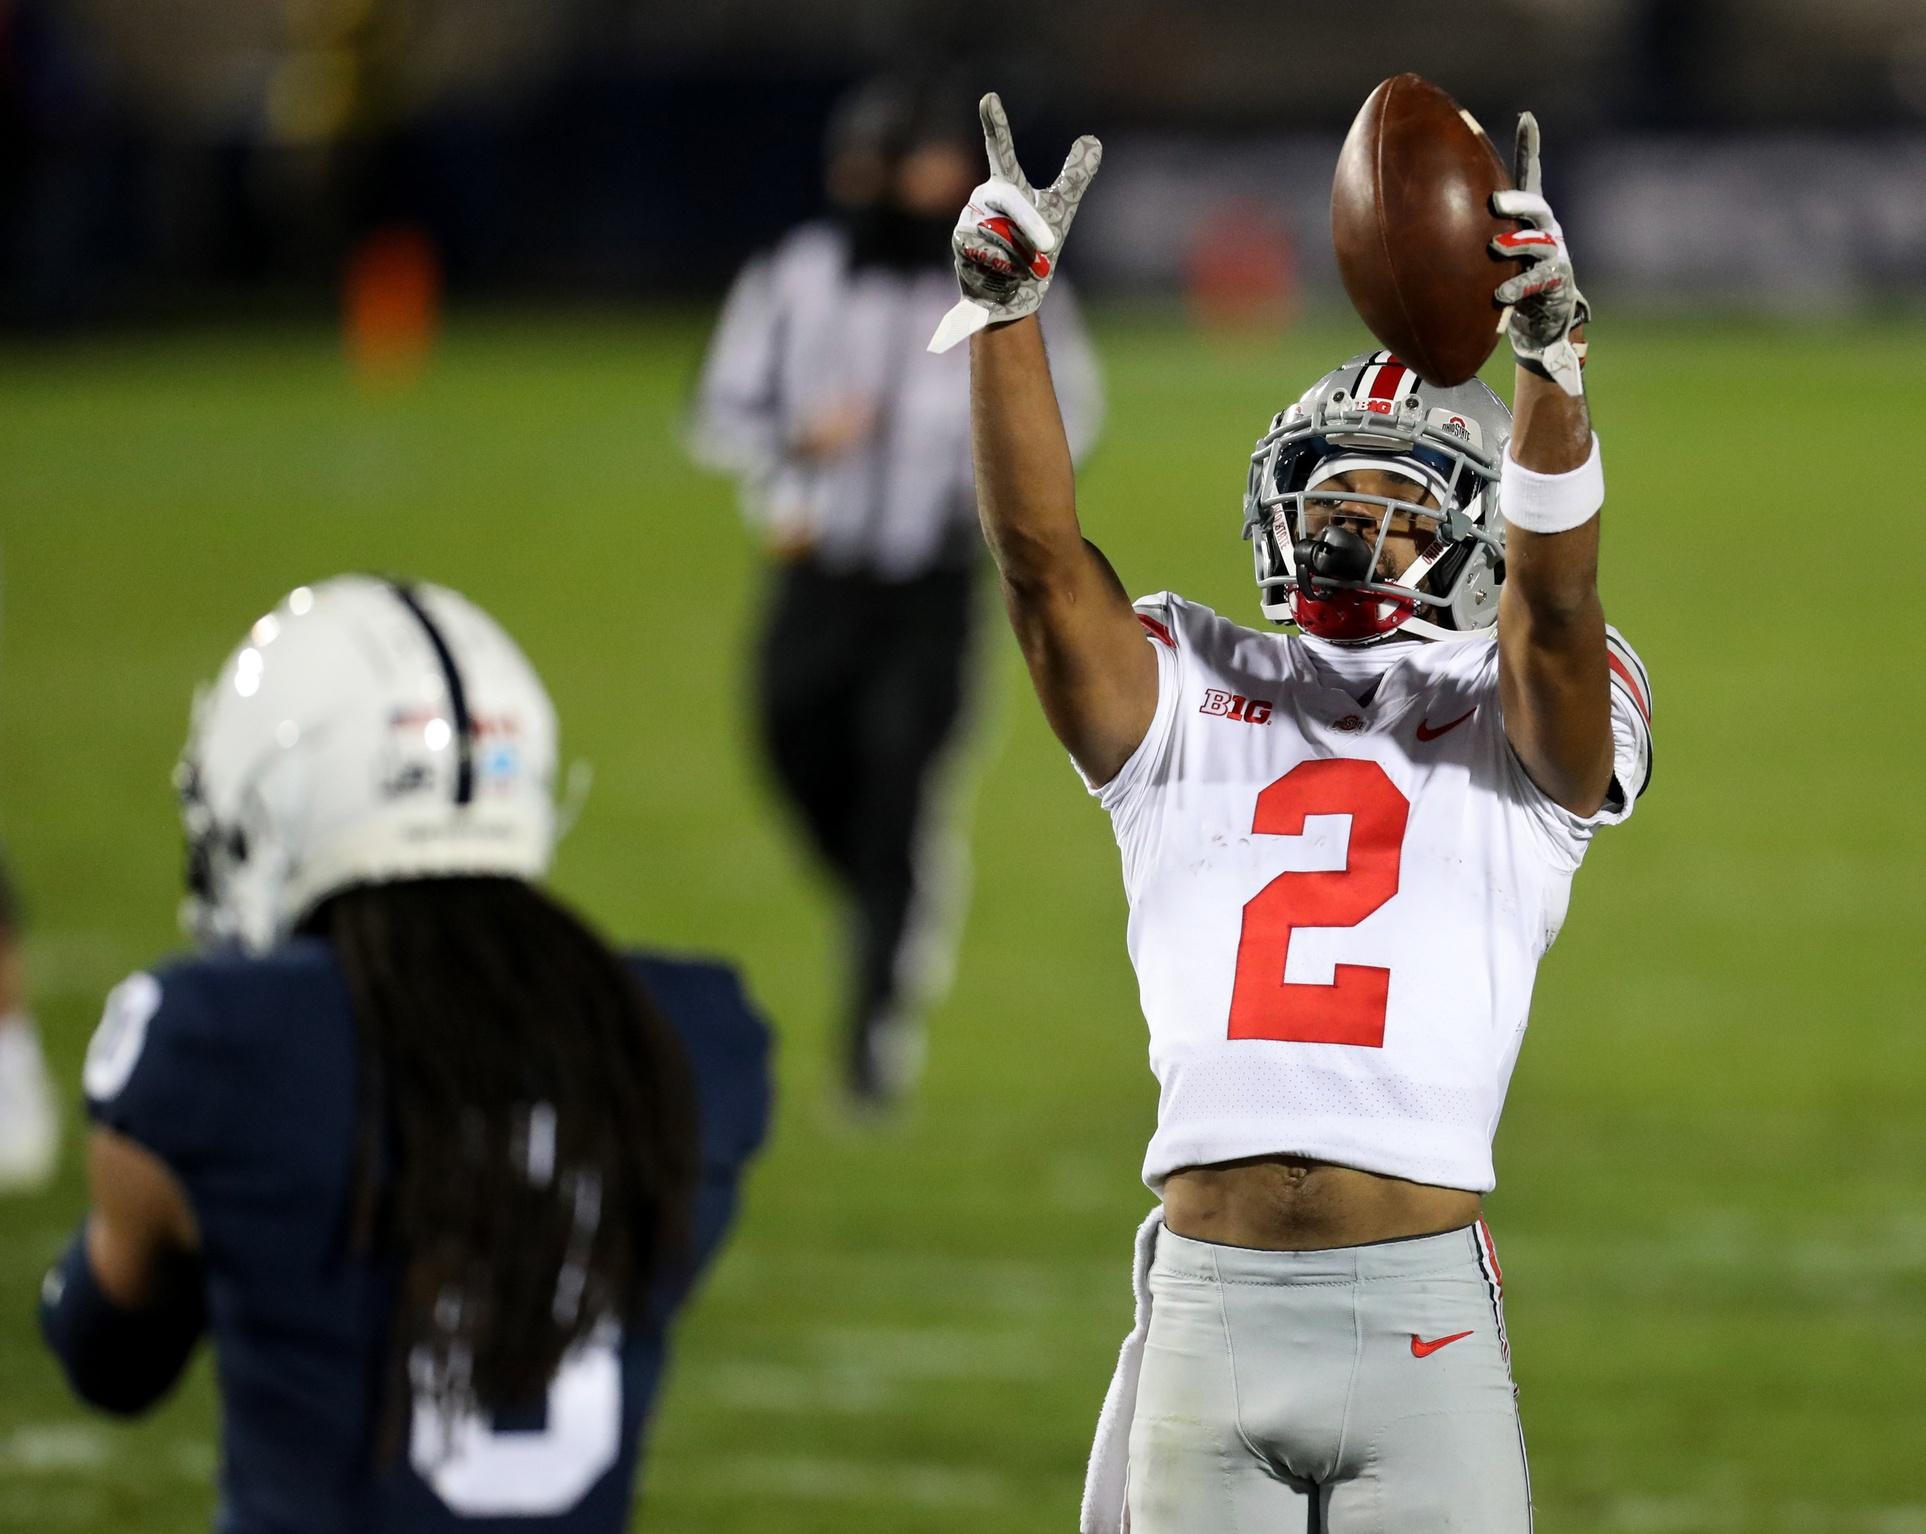 NCAA Football: Ohio State at Penn State - Chris Olave - Matthew Oharen USA Today Sports